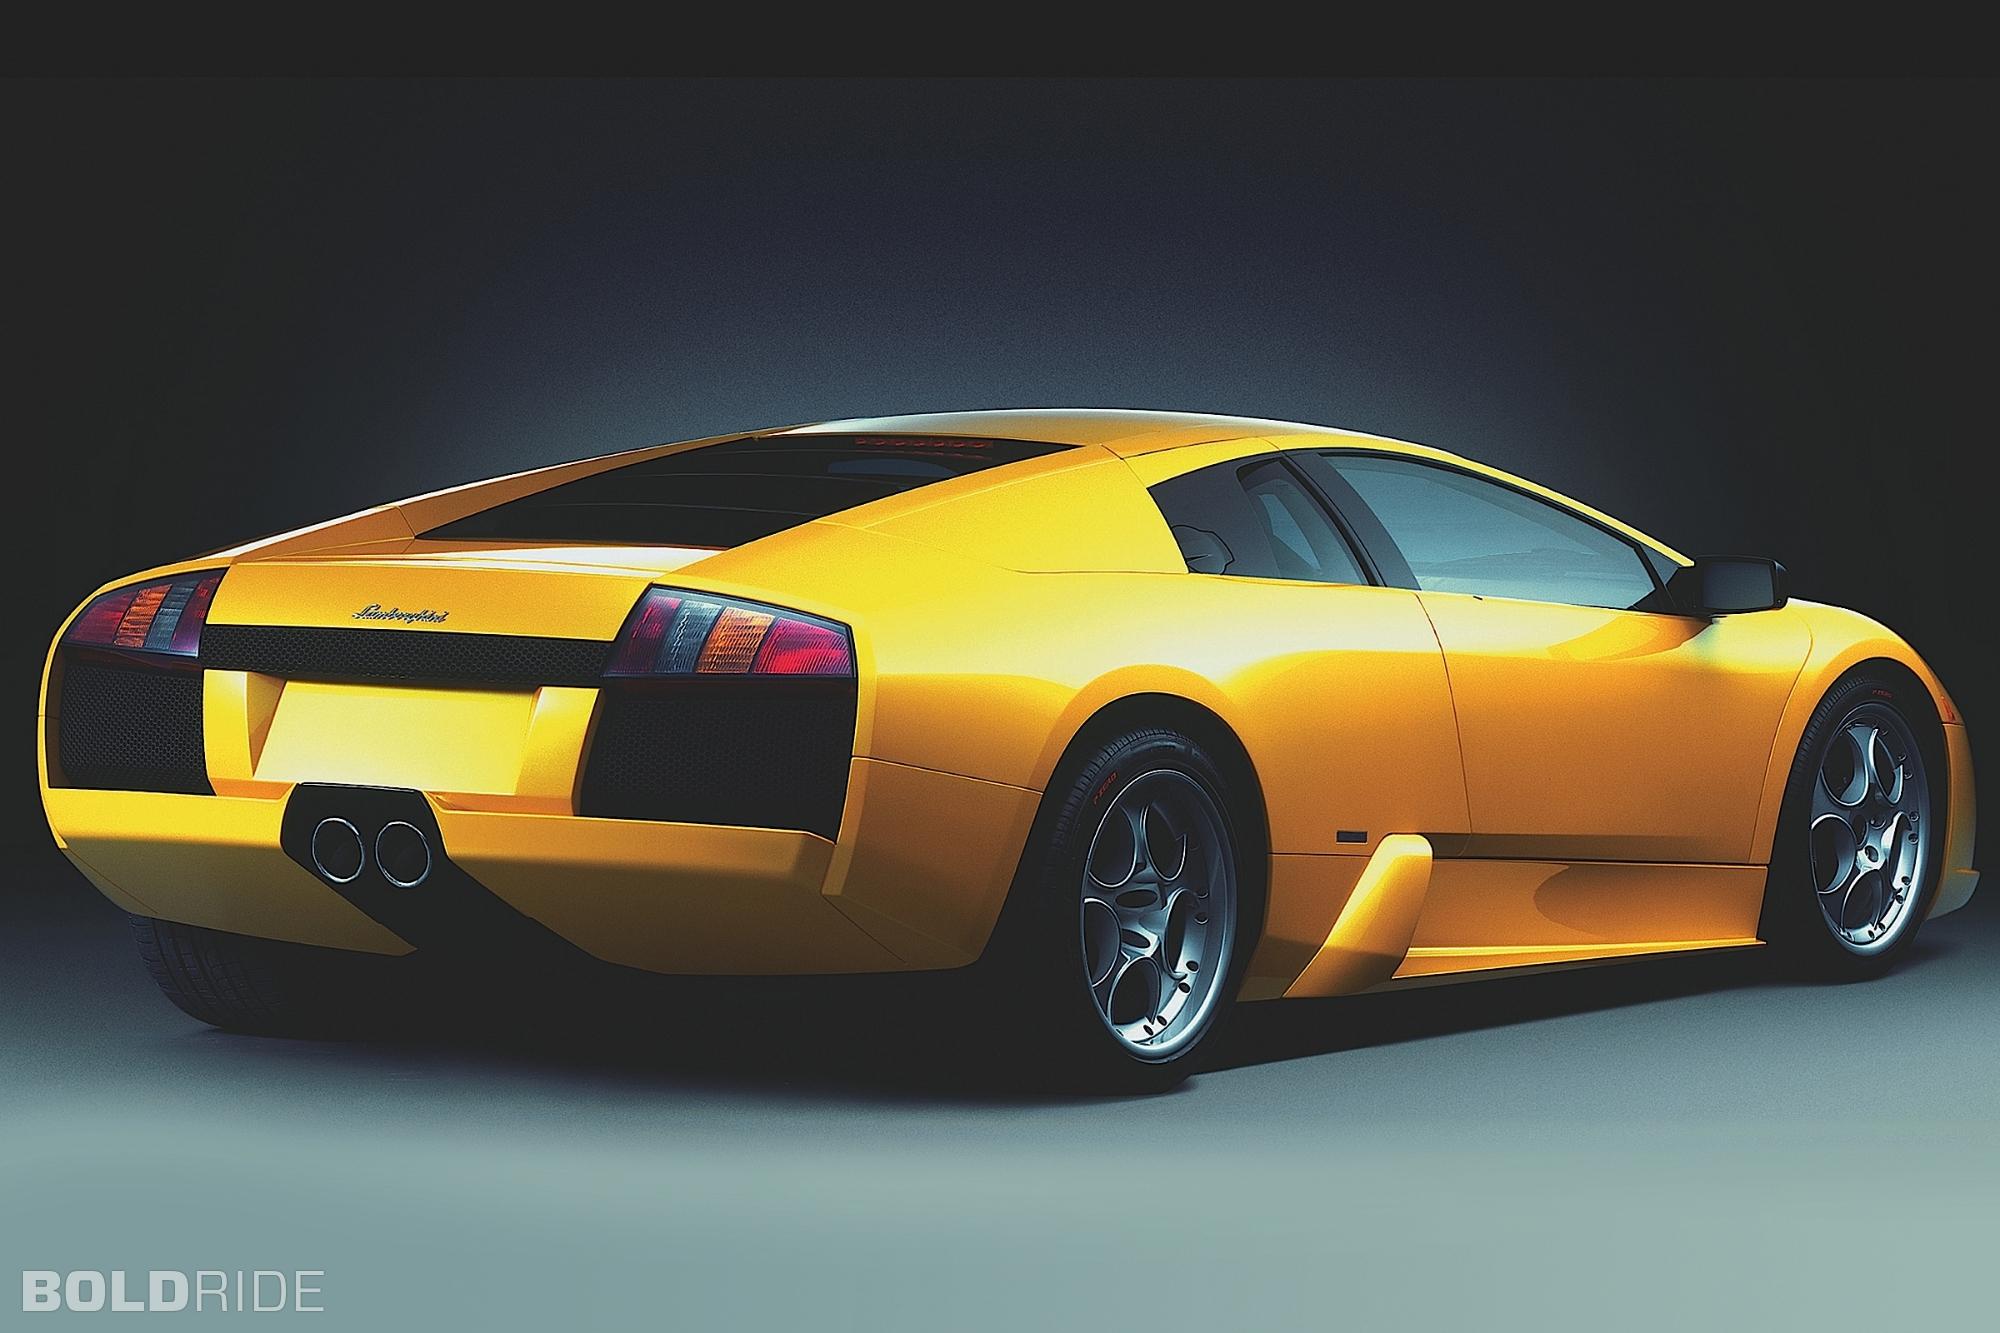 2002 Lamborghini Murcielago Image 3